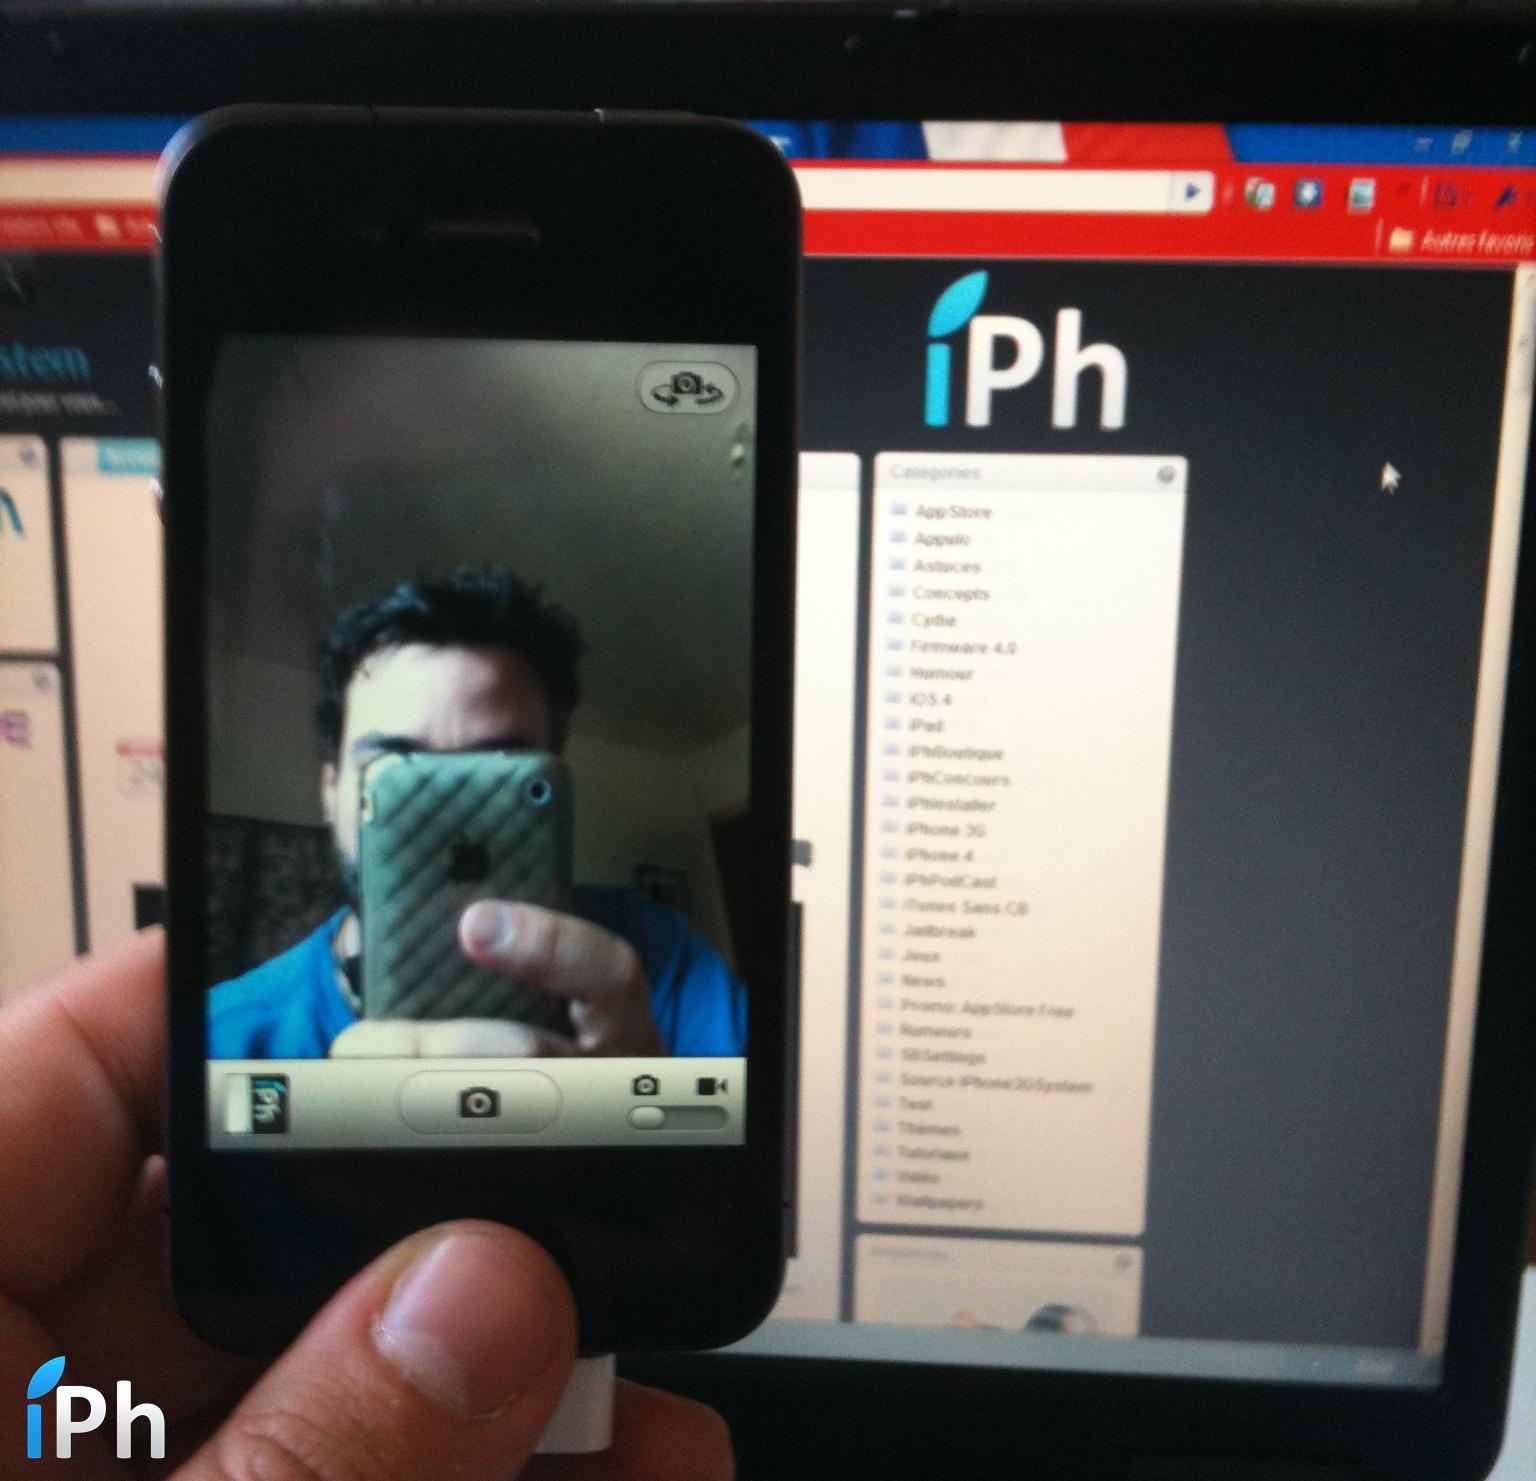 IMG 11531 iPhone 4   Les photos de liPhone 4 Noir par Myk